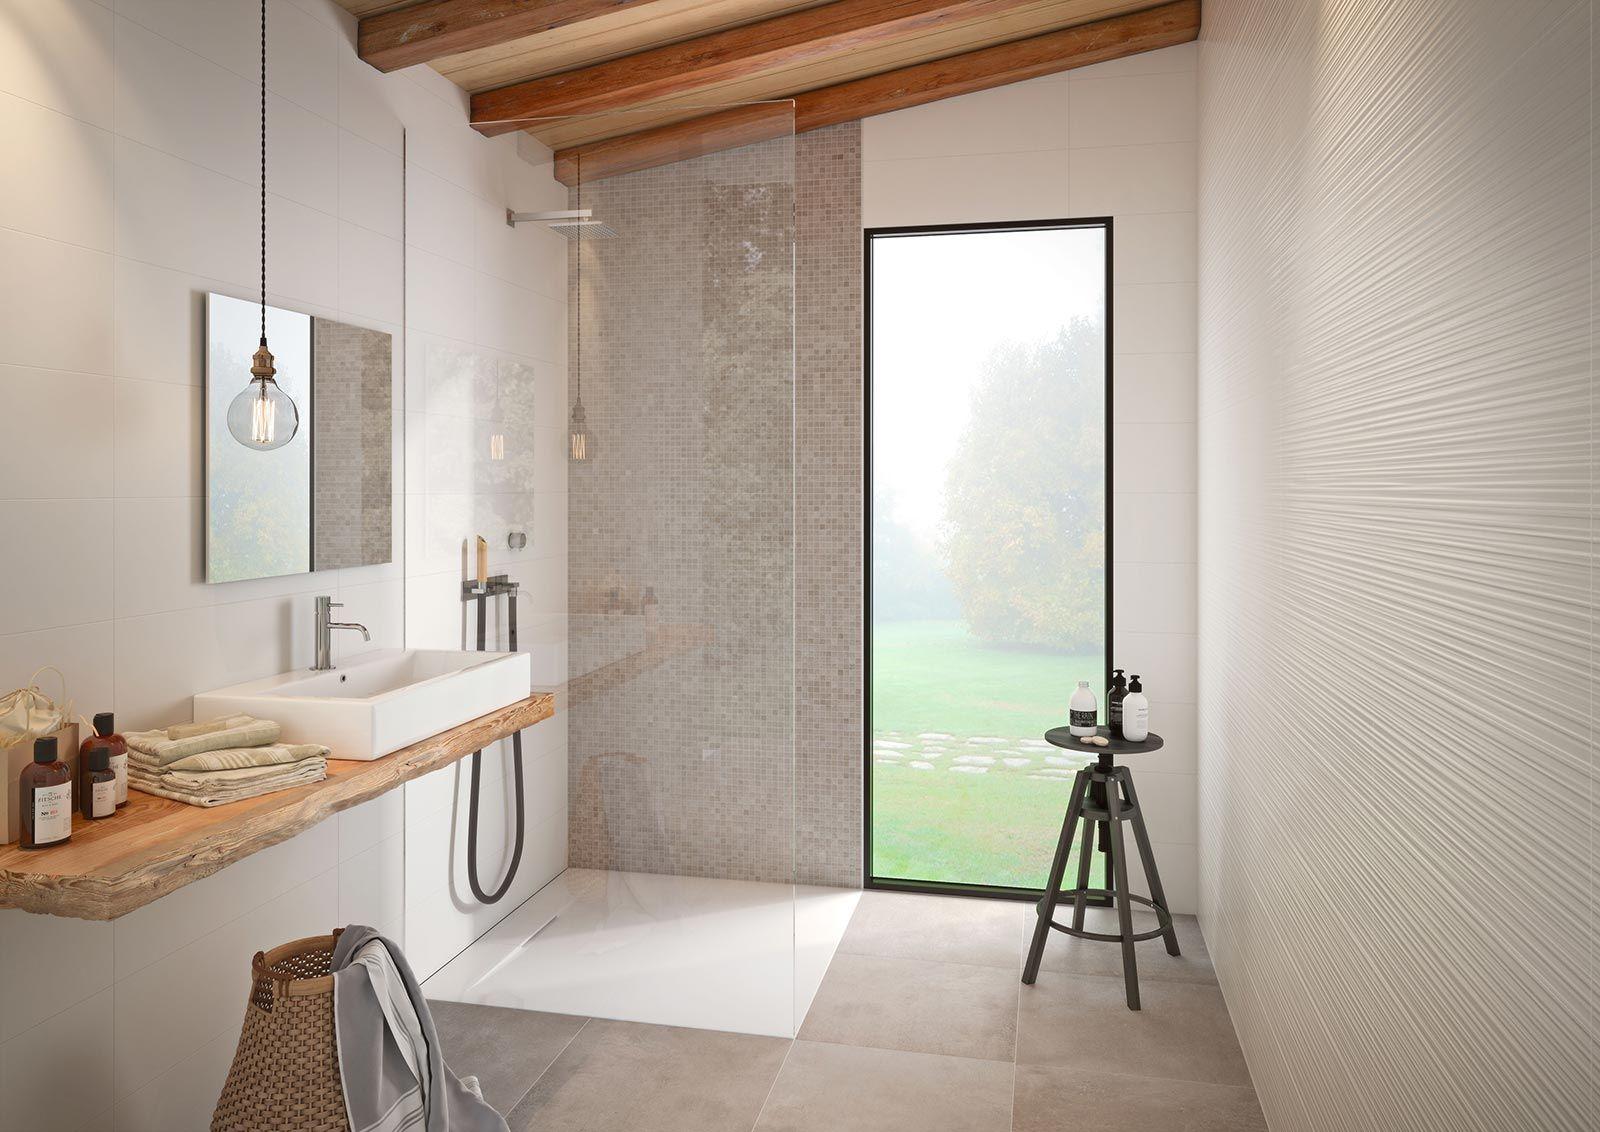 Fliesen Für Das Bad: Gestaltungsideen Mit Keramik Und Feinsteinzeug    Marazzi 7394